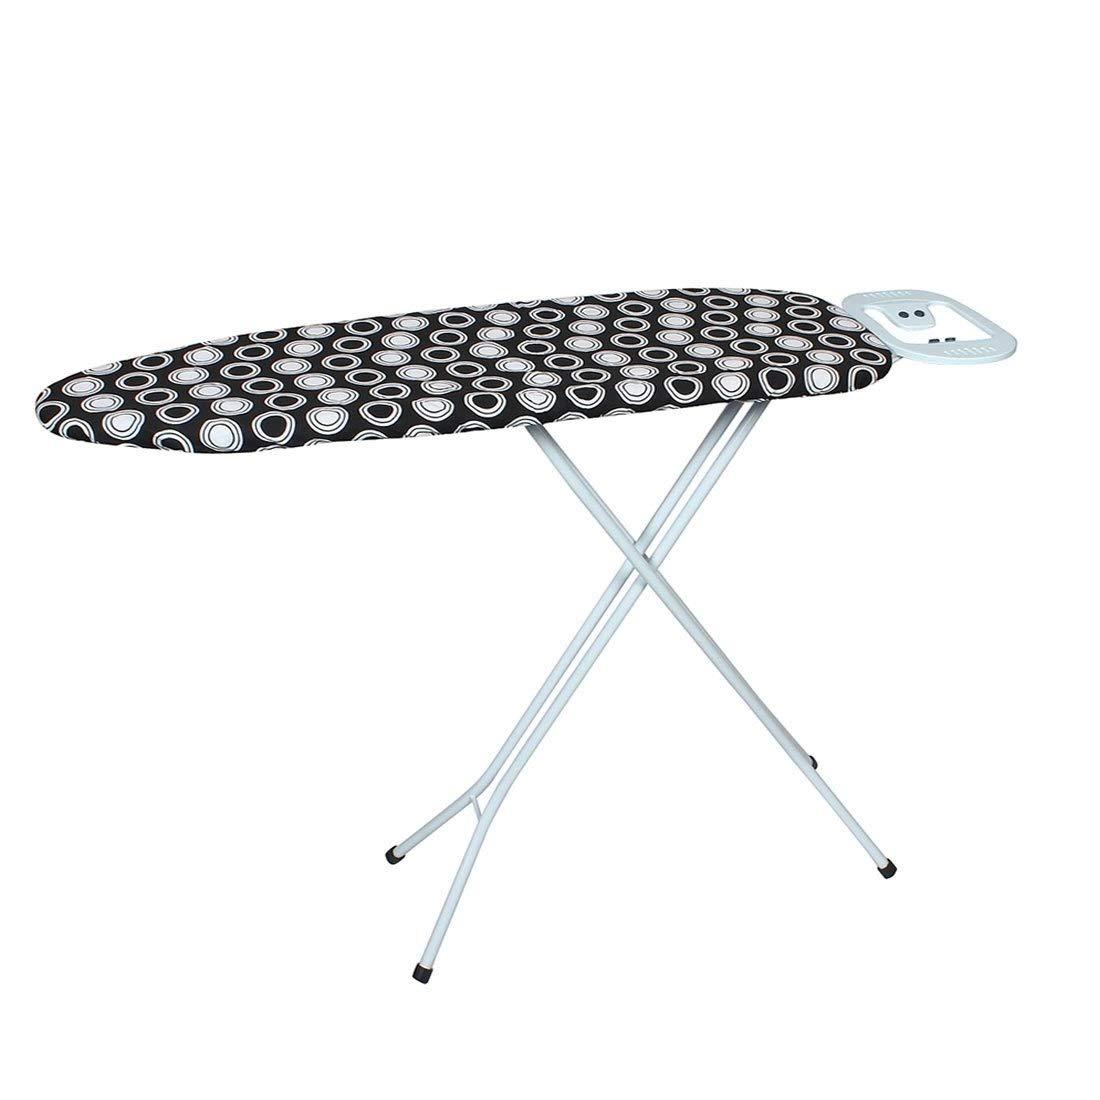 BELLAZZO E Master Premium Steel Ironing Board